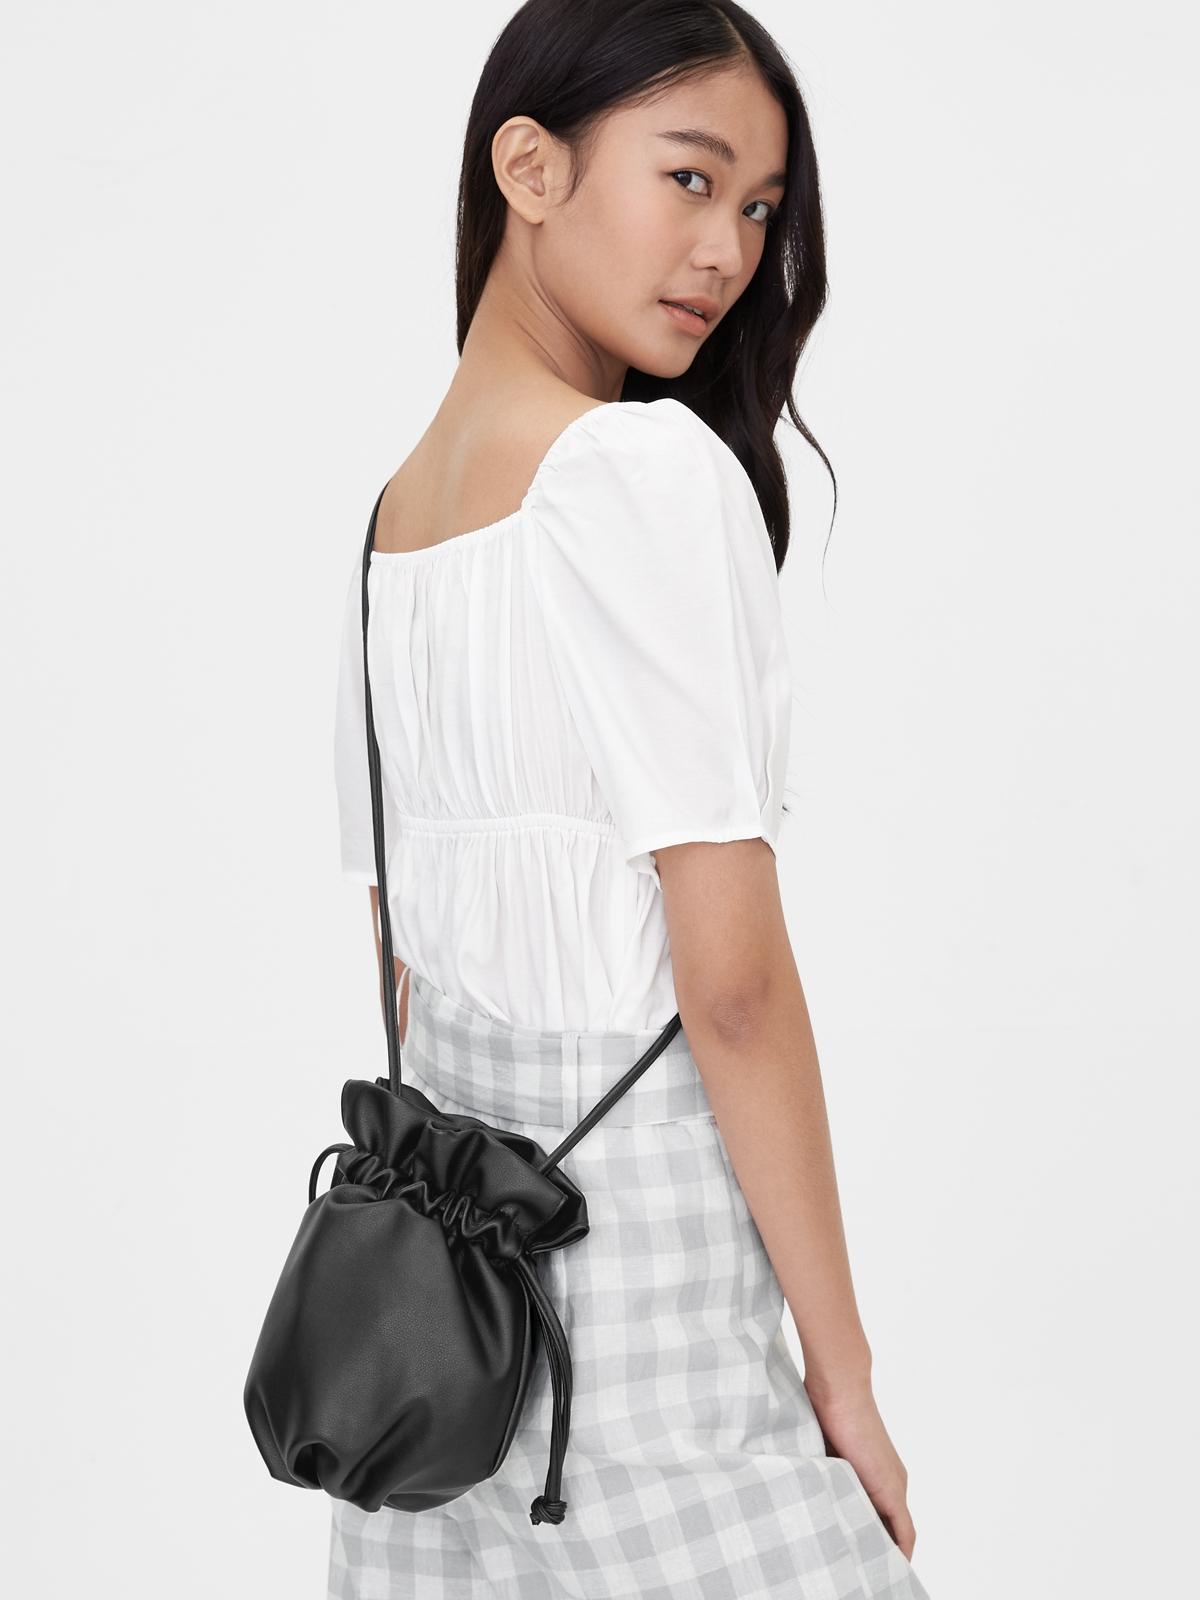 Mini Drawstring Crossbody Bag Black